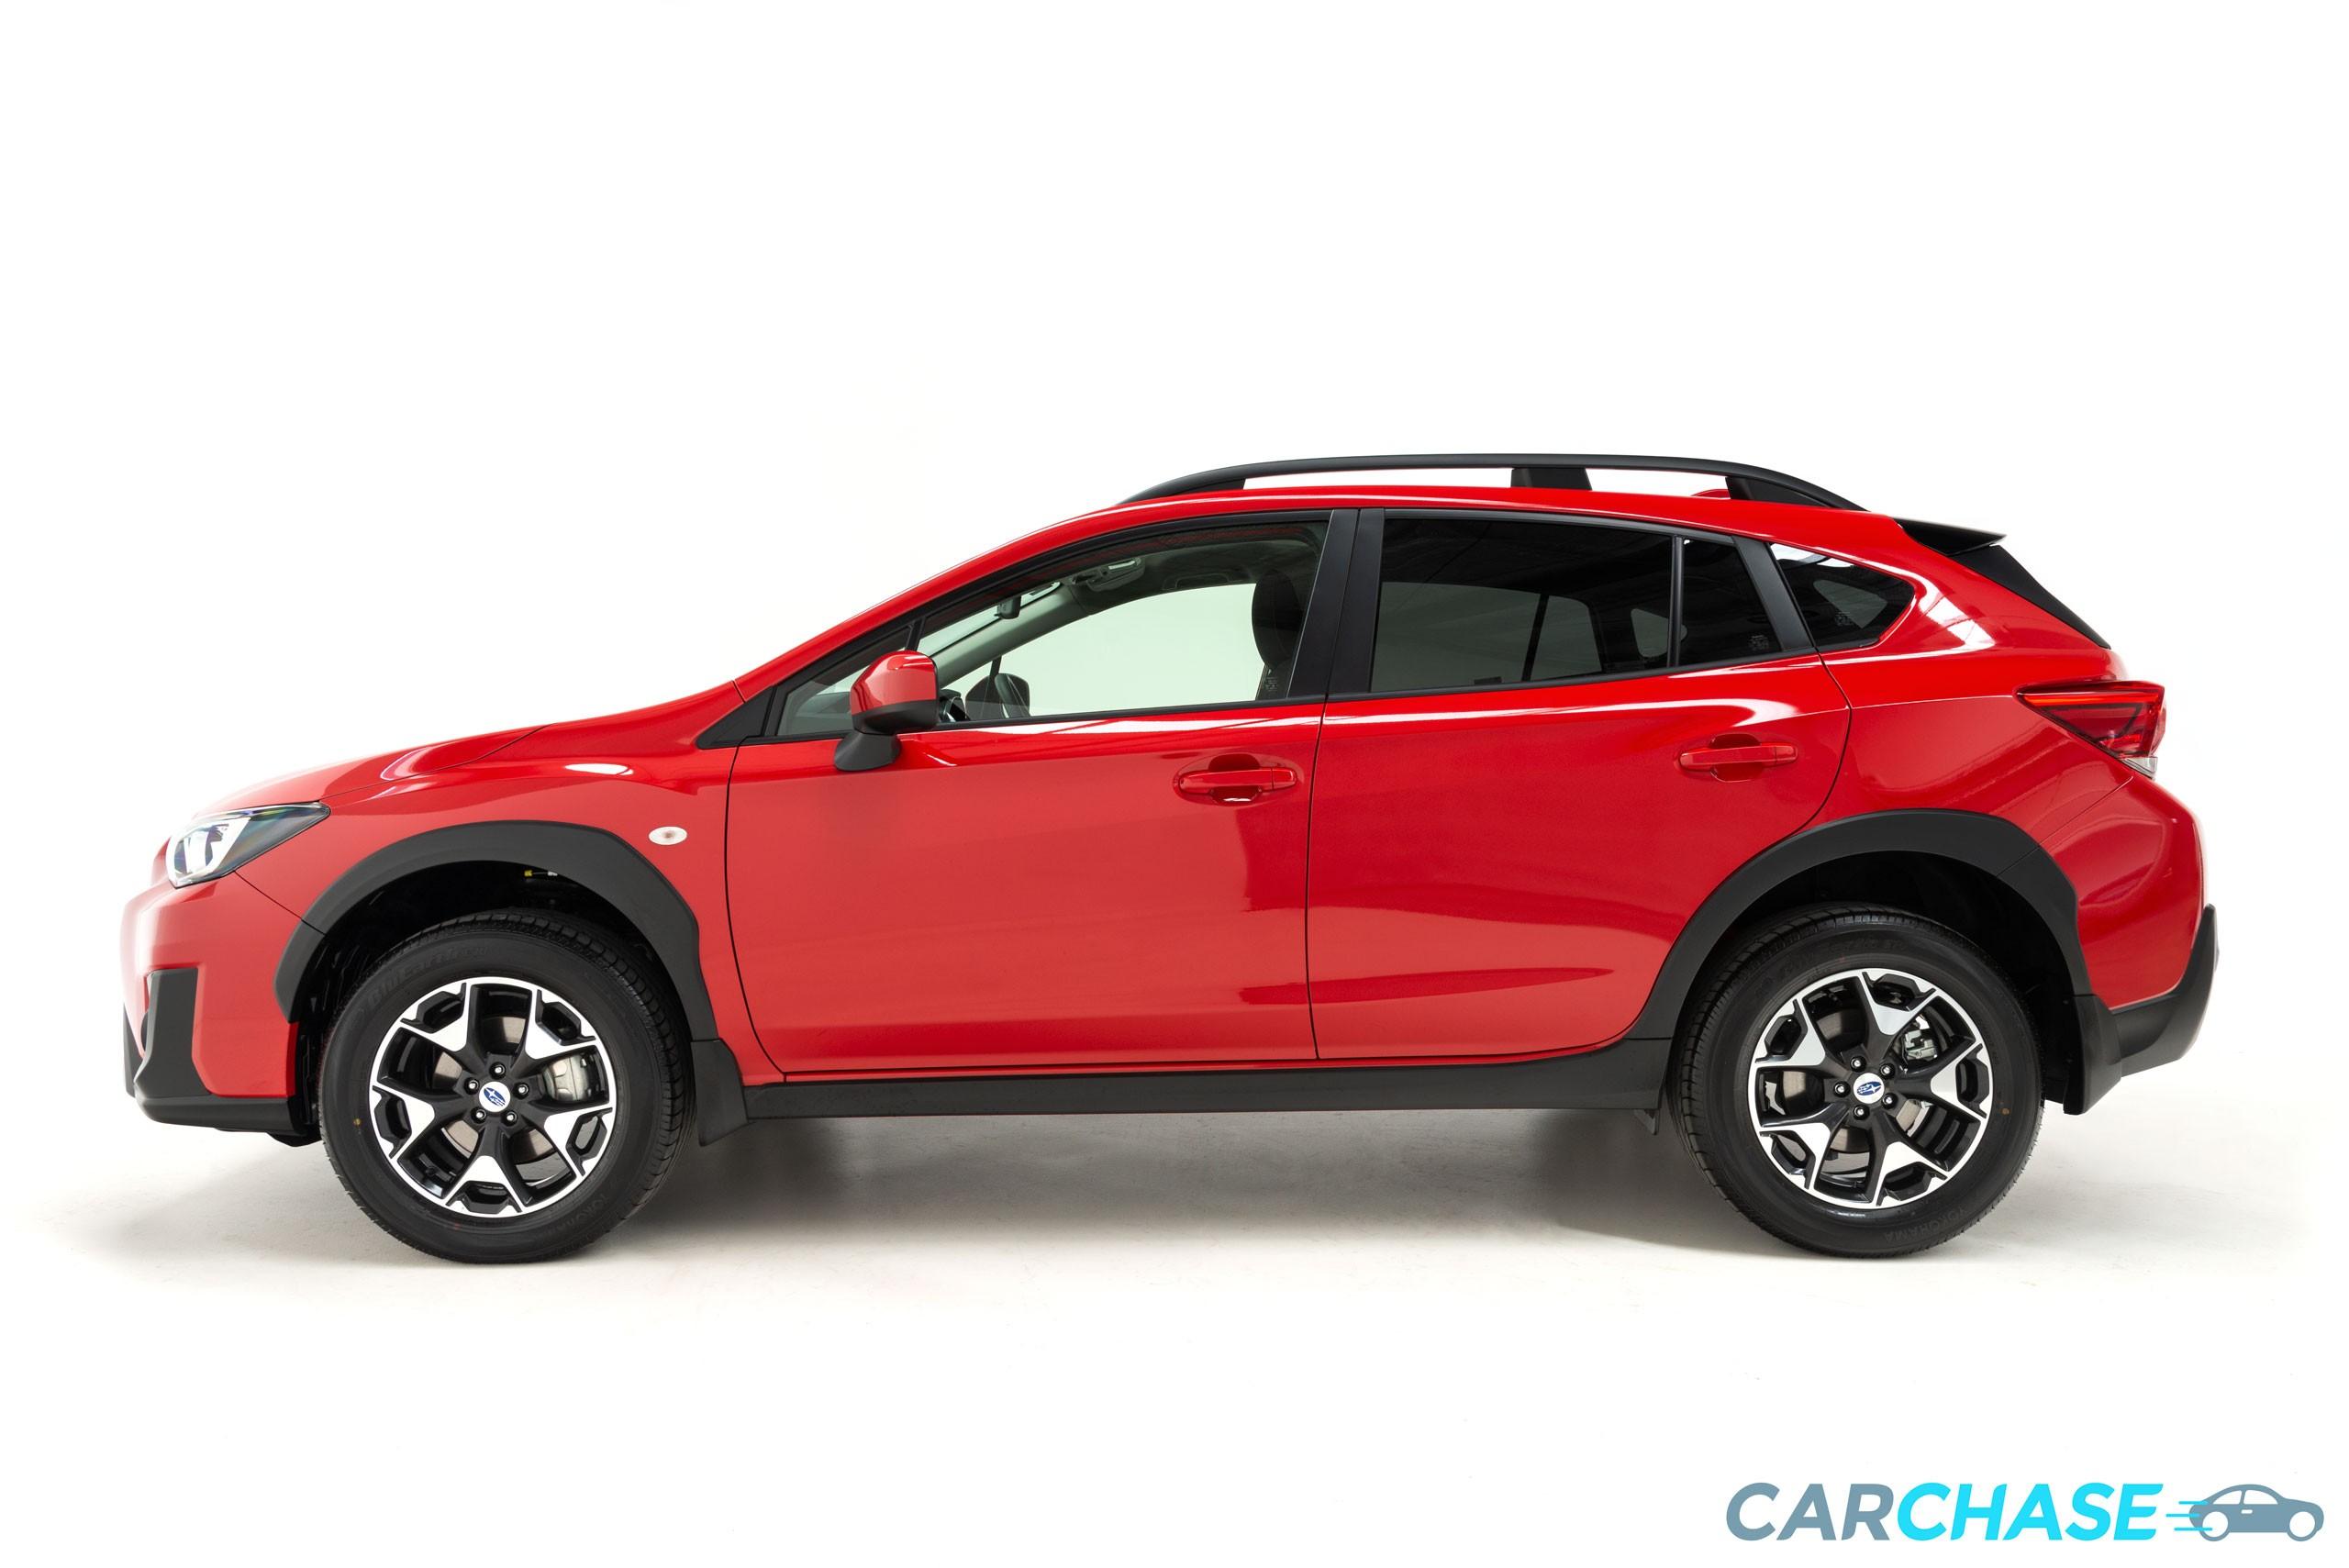 Image of left profile of 2018 Subaru XV 2.0i